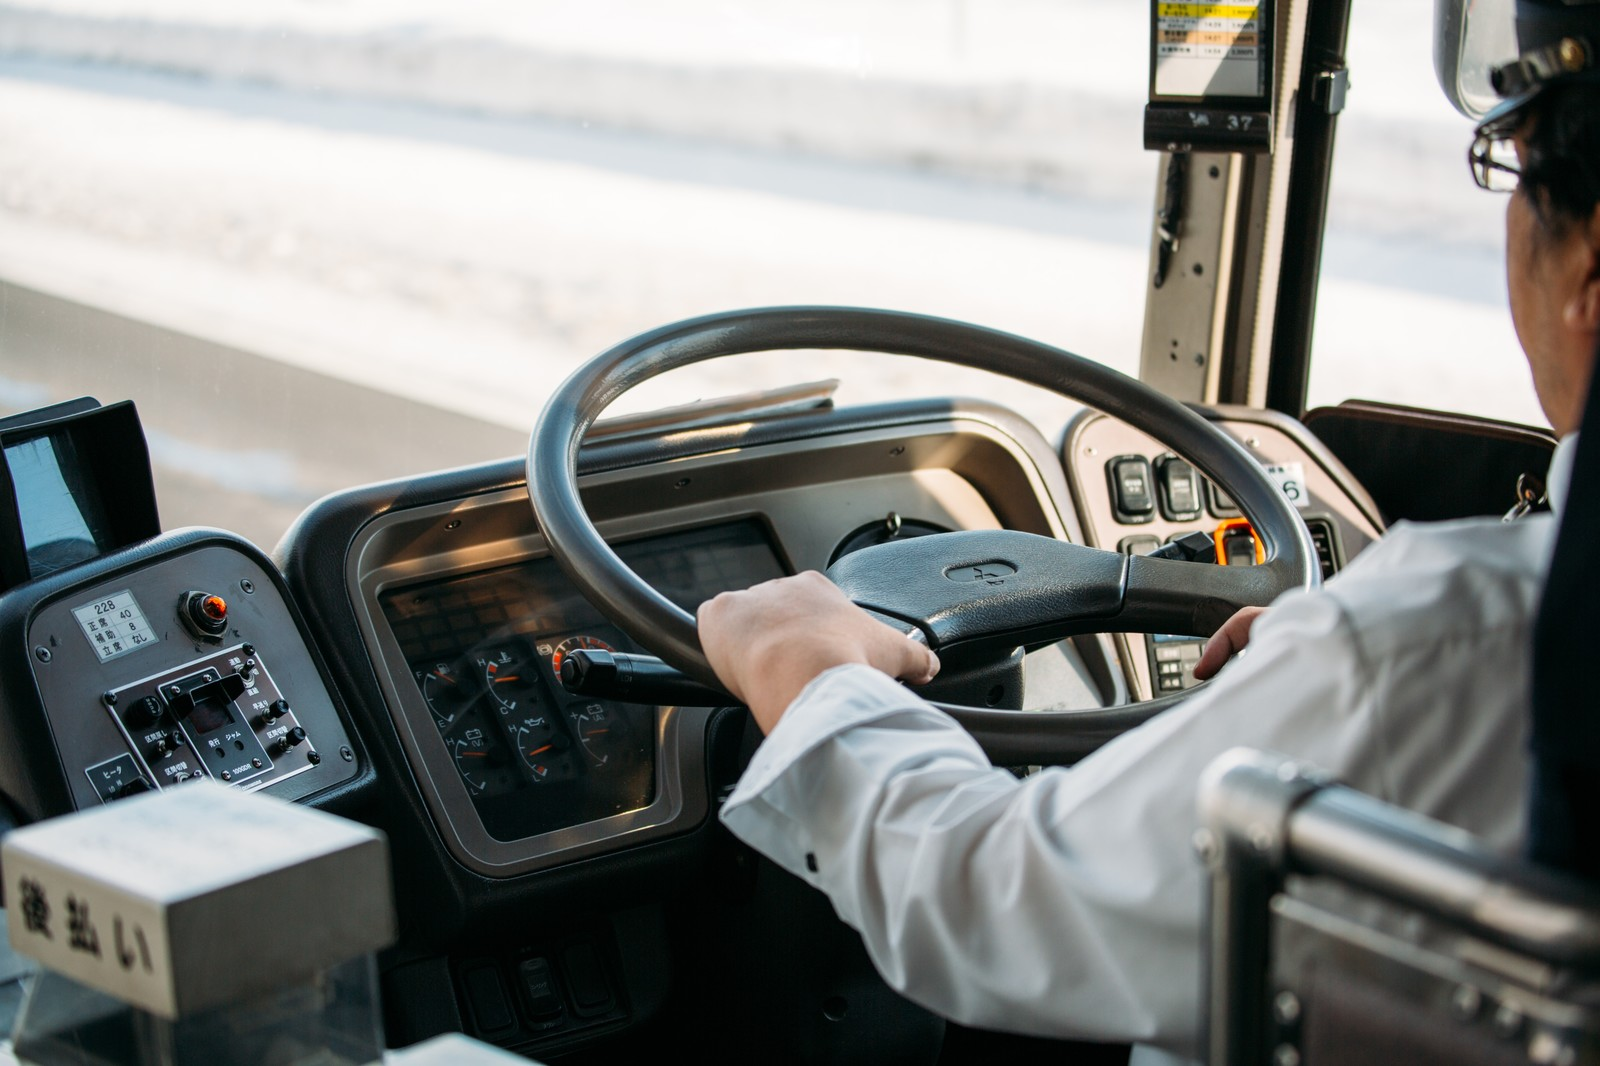 バスとかいうクッソ遅刻しても平気な顔してるゴミクソ無能交通機関